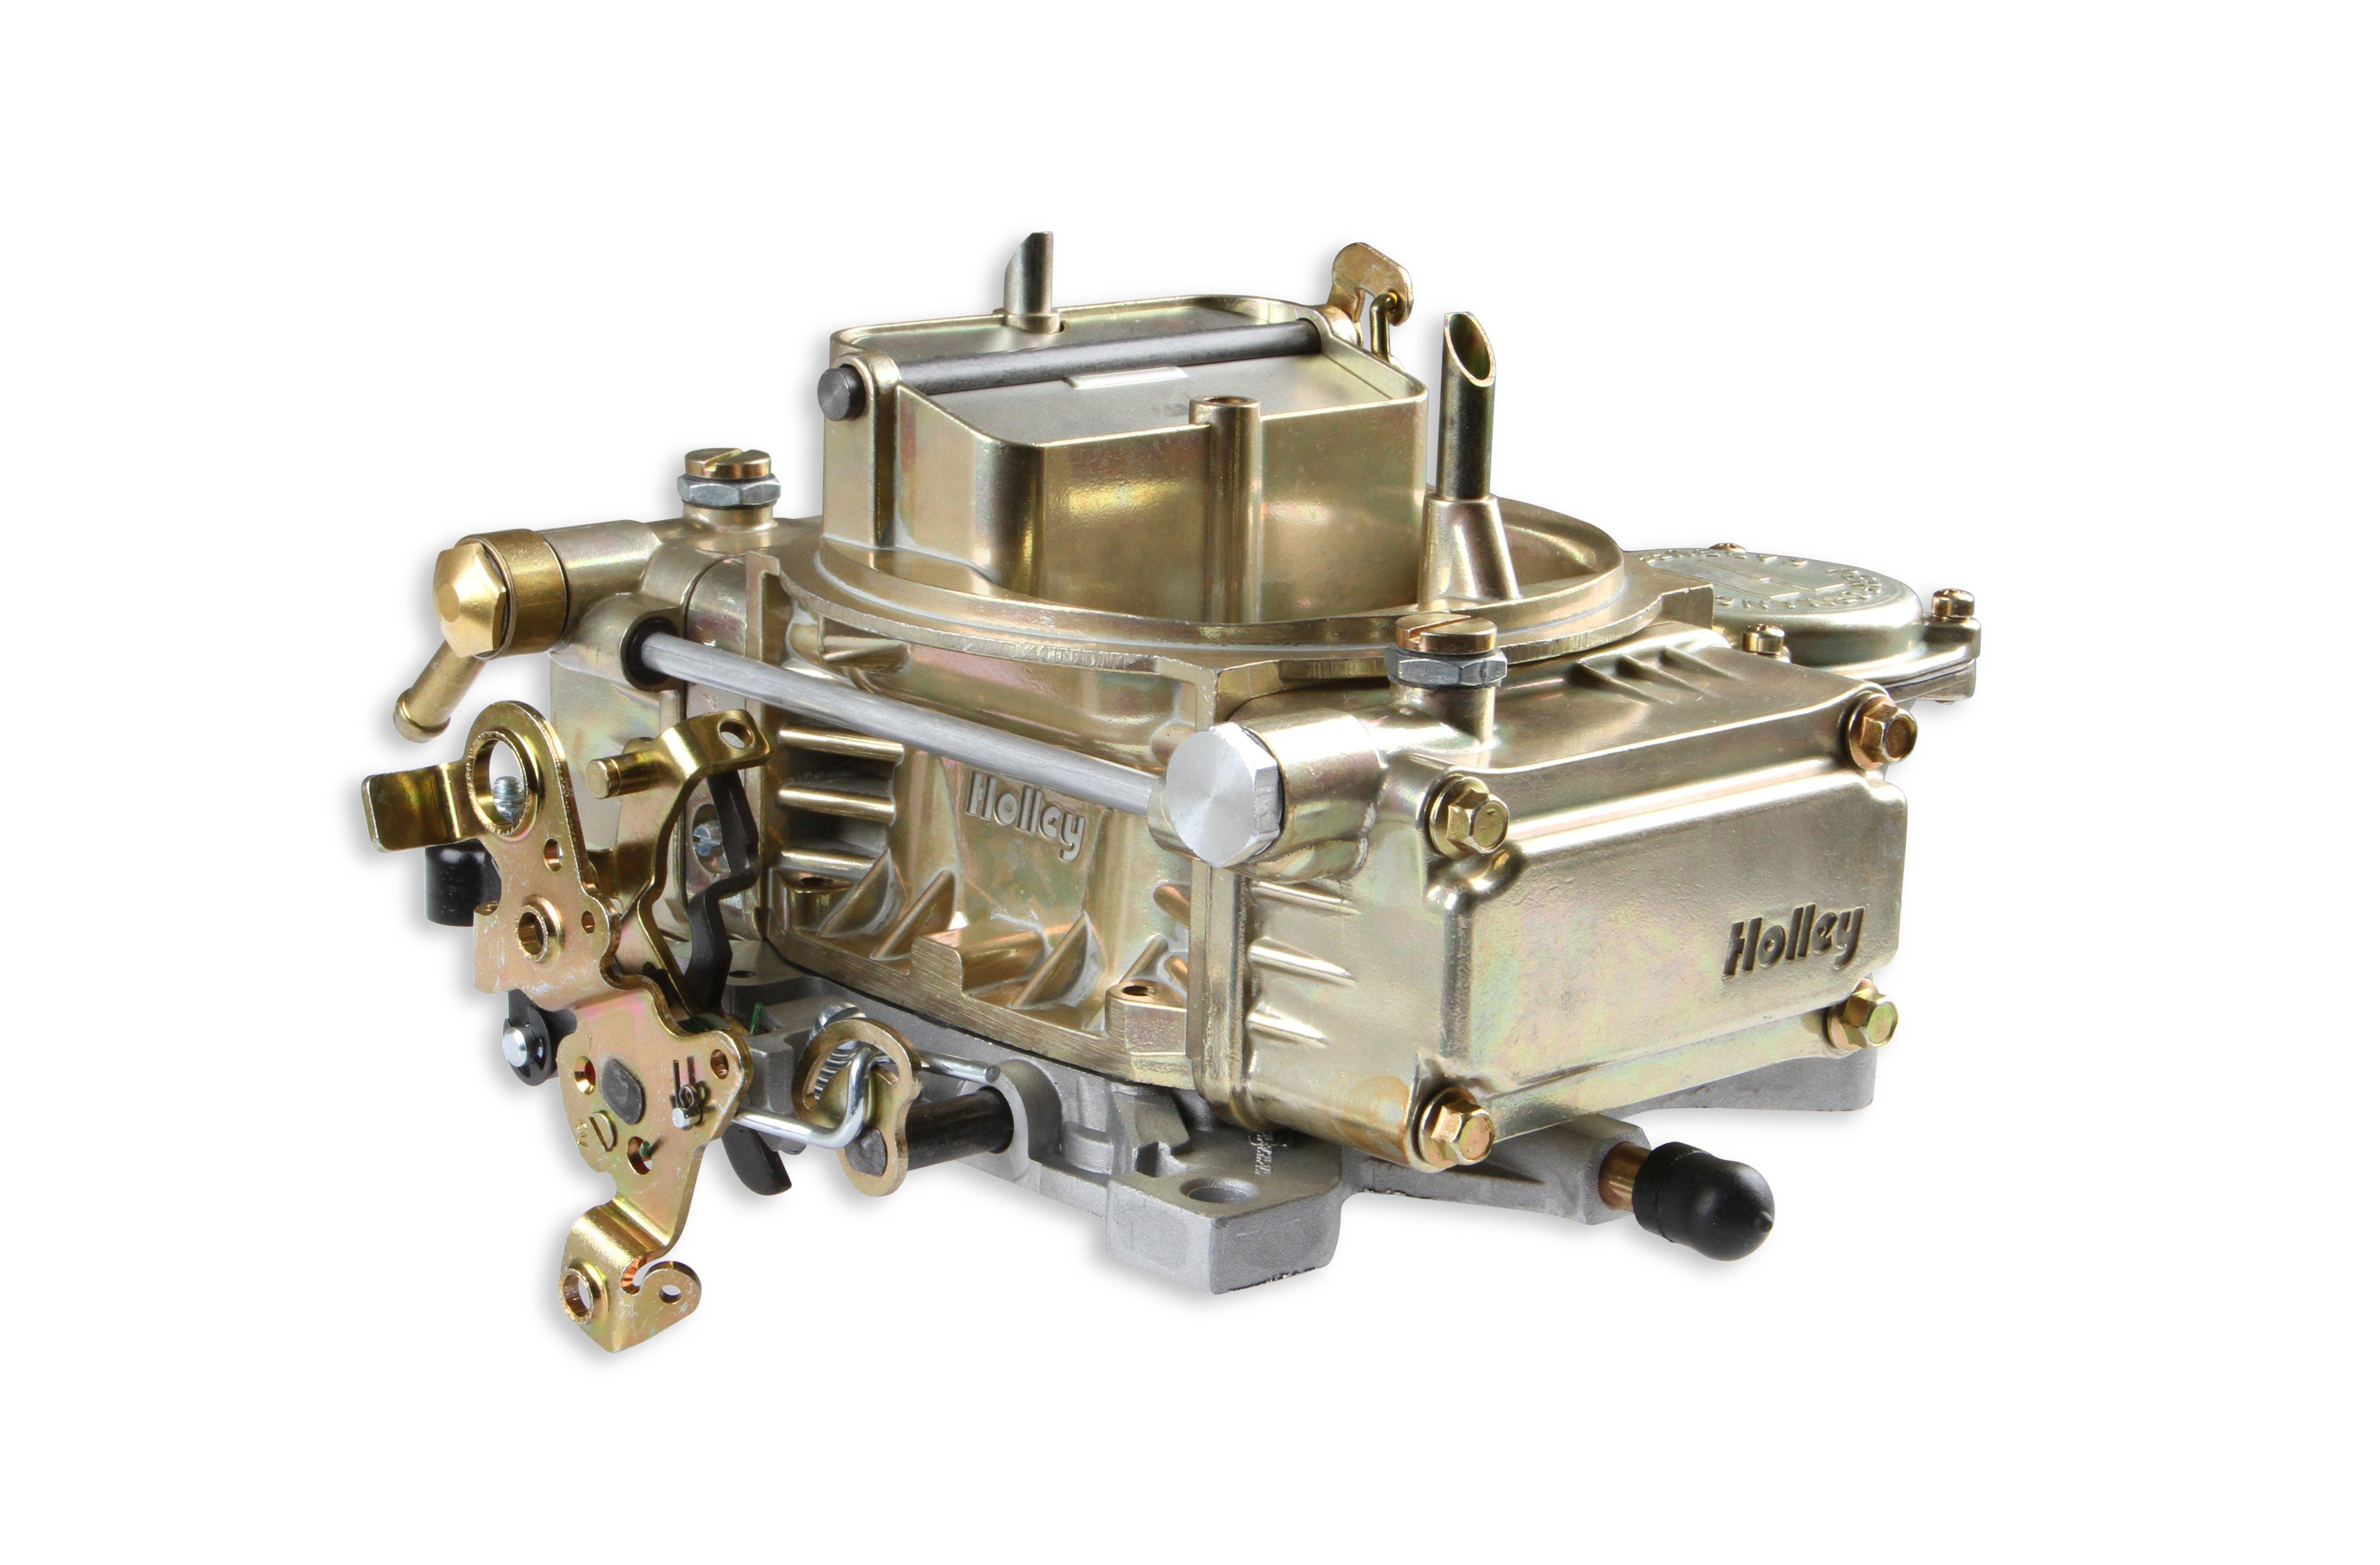 VACUUM SECONDARIES HOLLEY CARBURETOR RENEW KIT,CARB FAST REBUILD KIT,4160,4 BBL,600 CFM